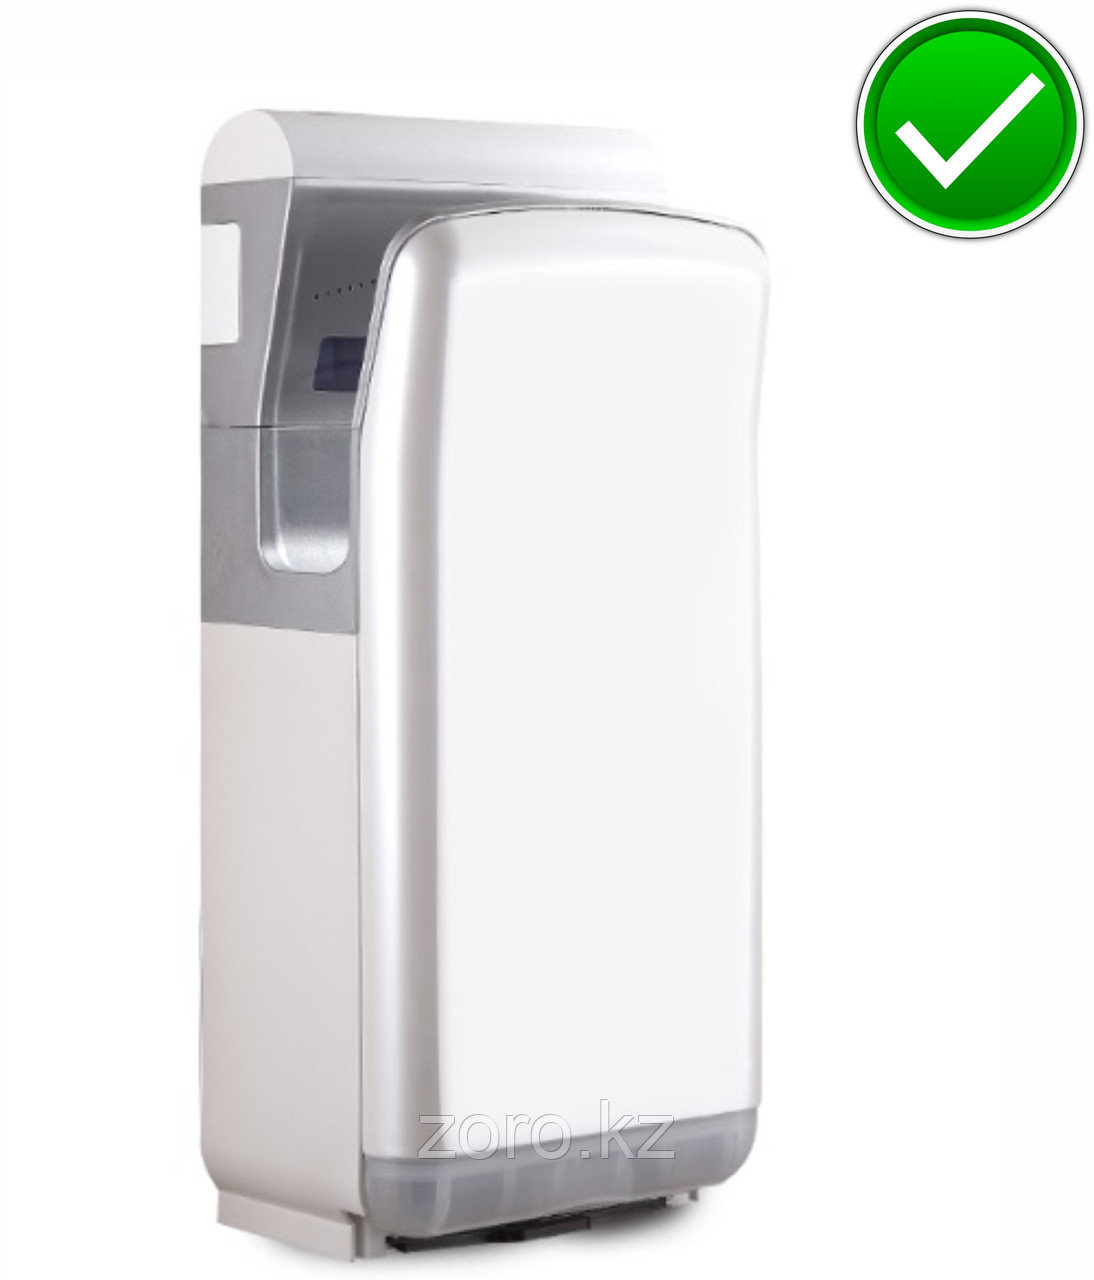 Автоматическая сенсорная высокоскоростная сушилка для рук Air Blade 2000 Ватт белый цвет